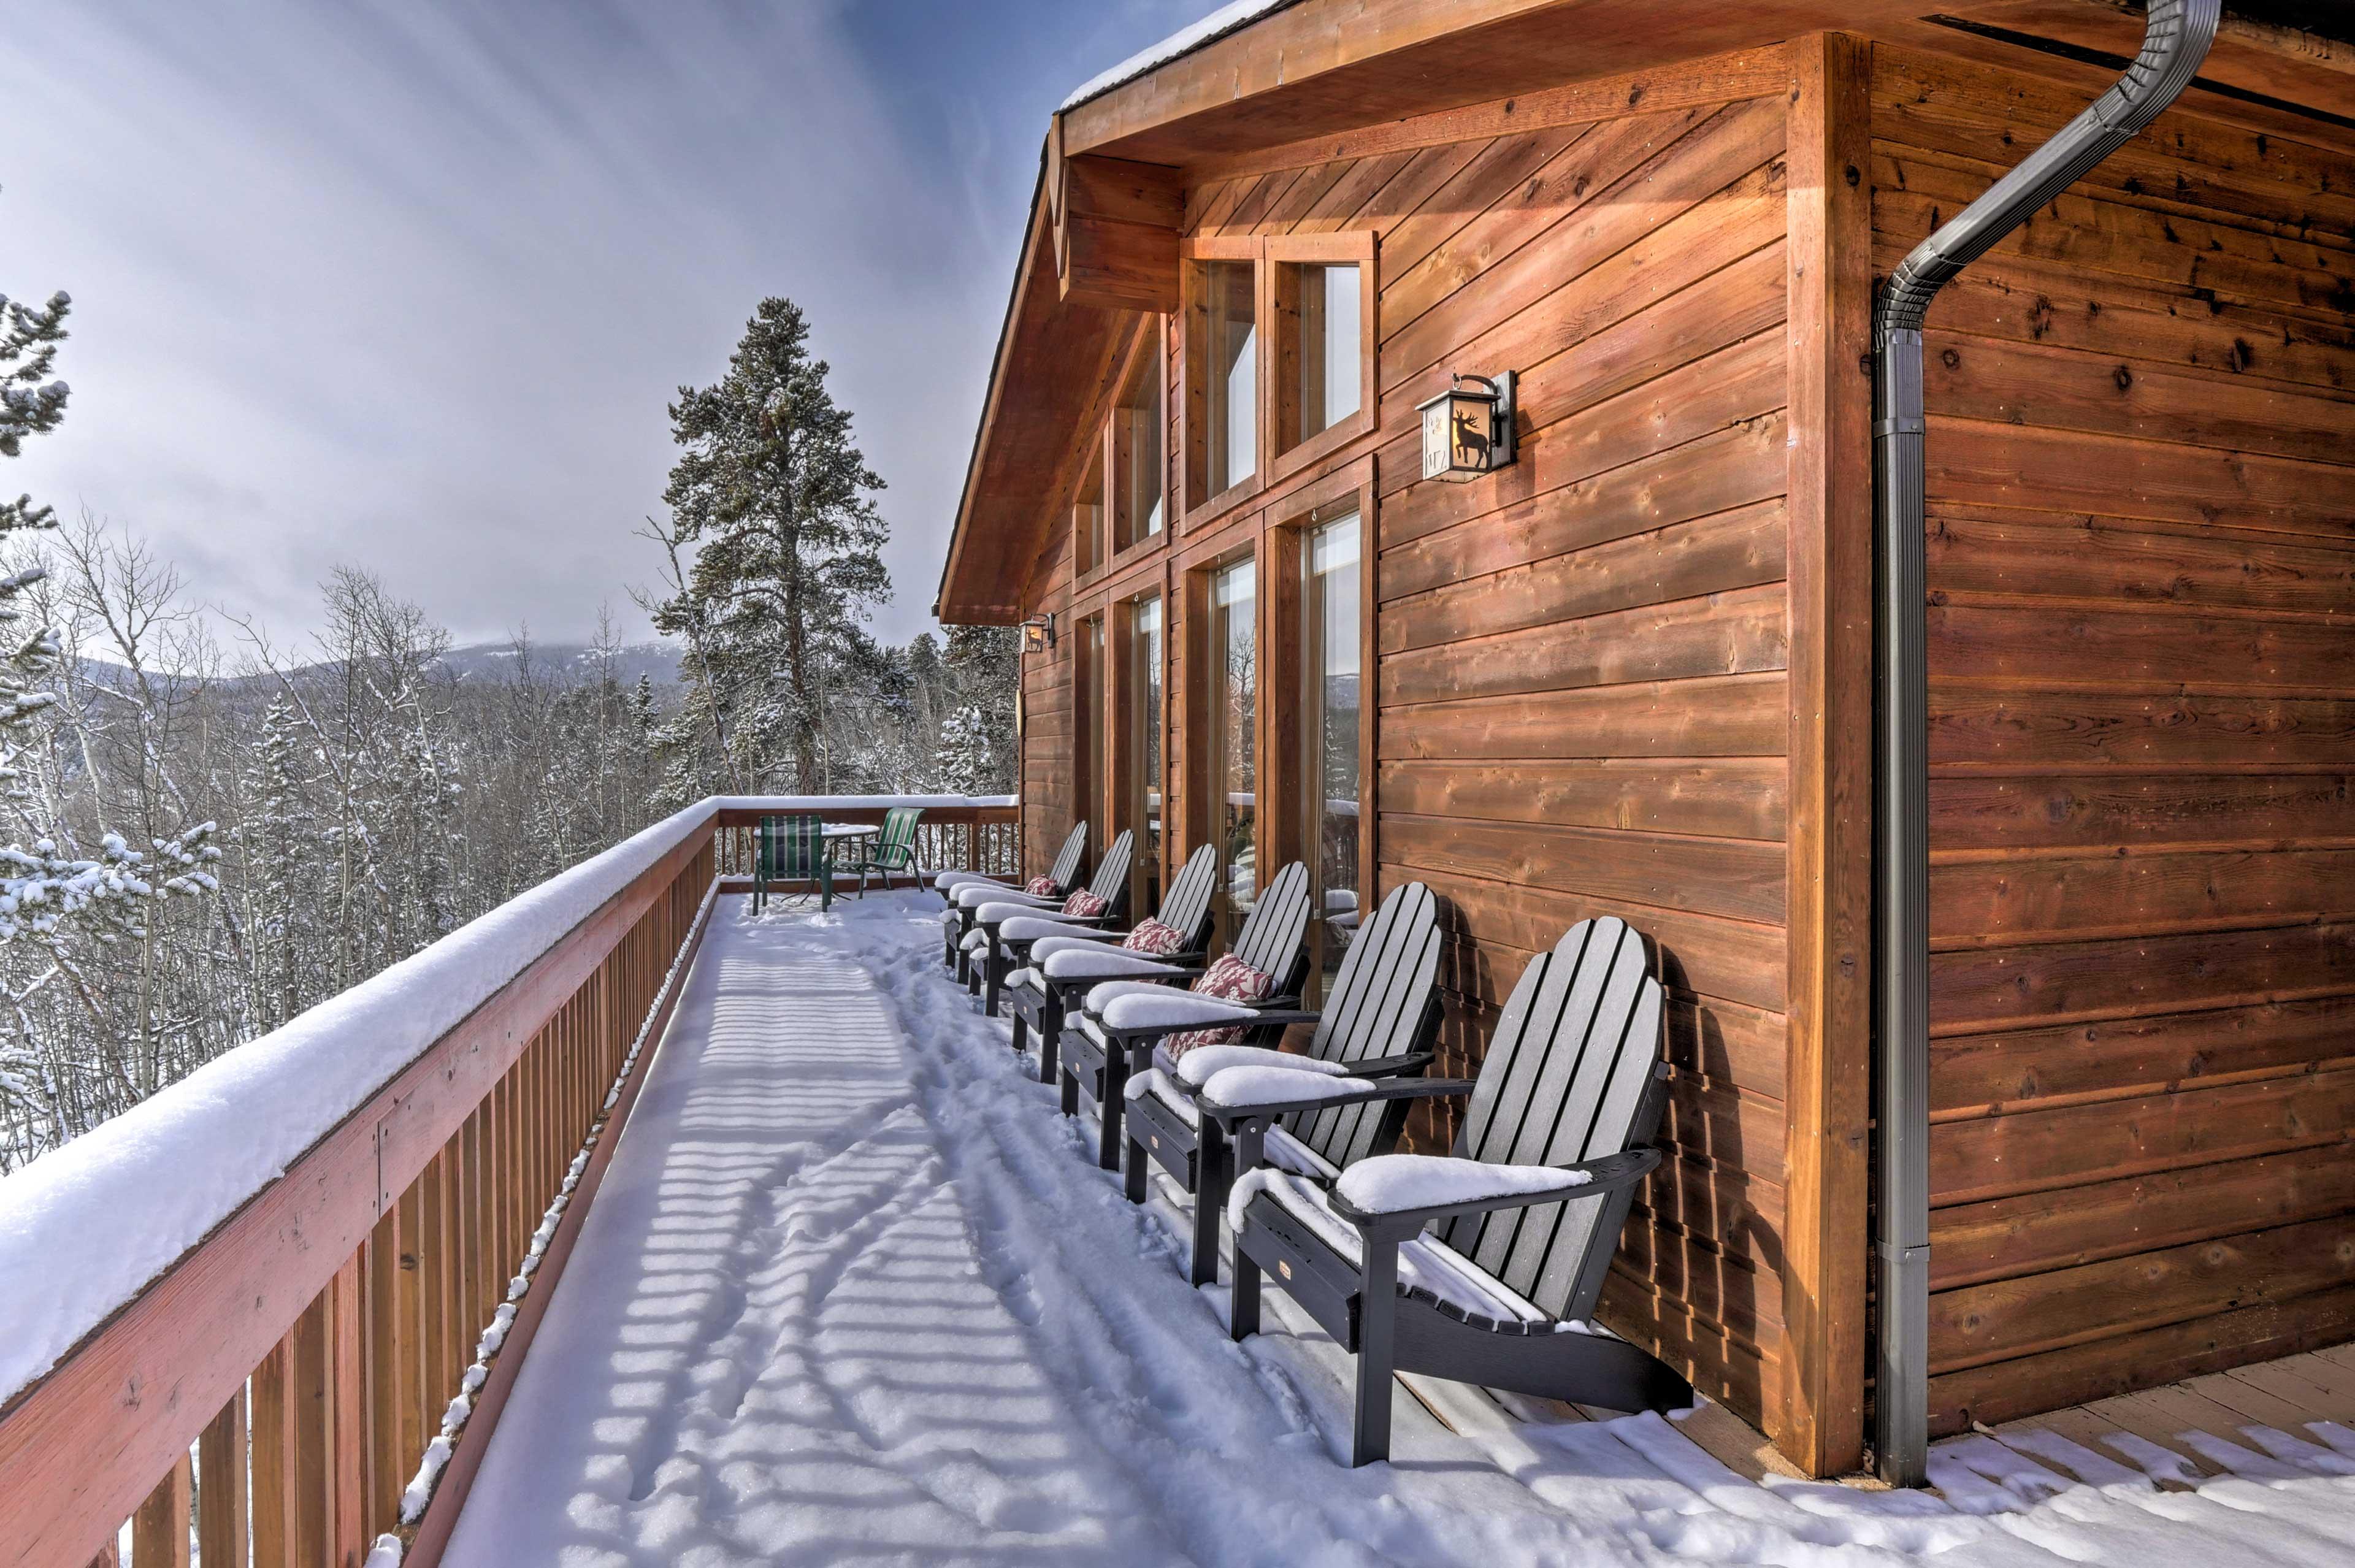 Visit during the ski season!